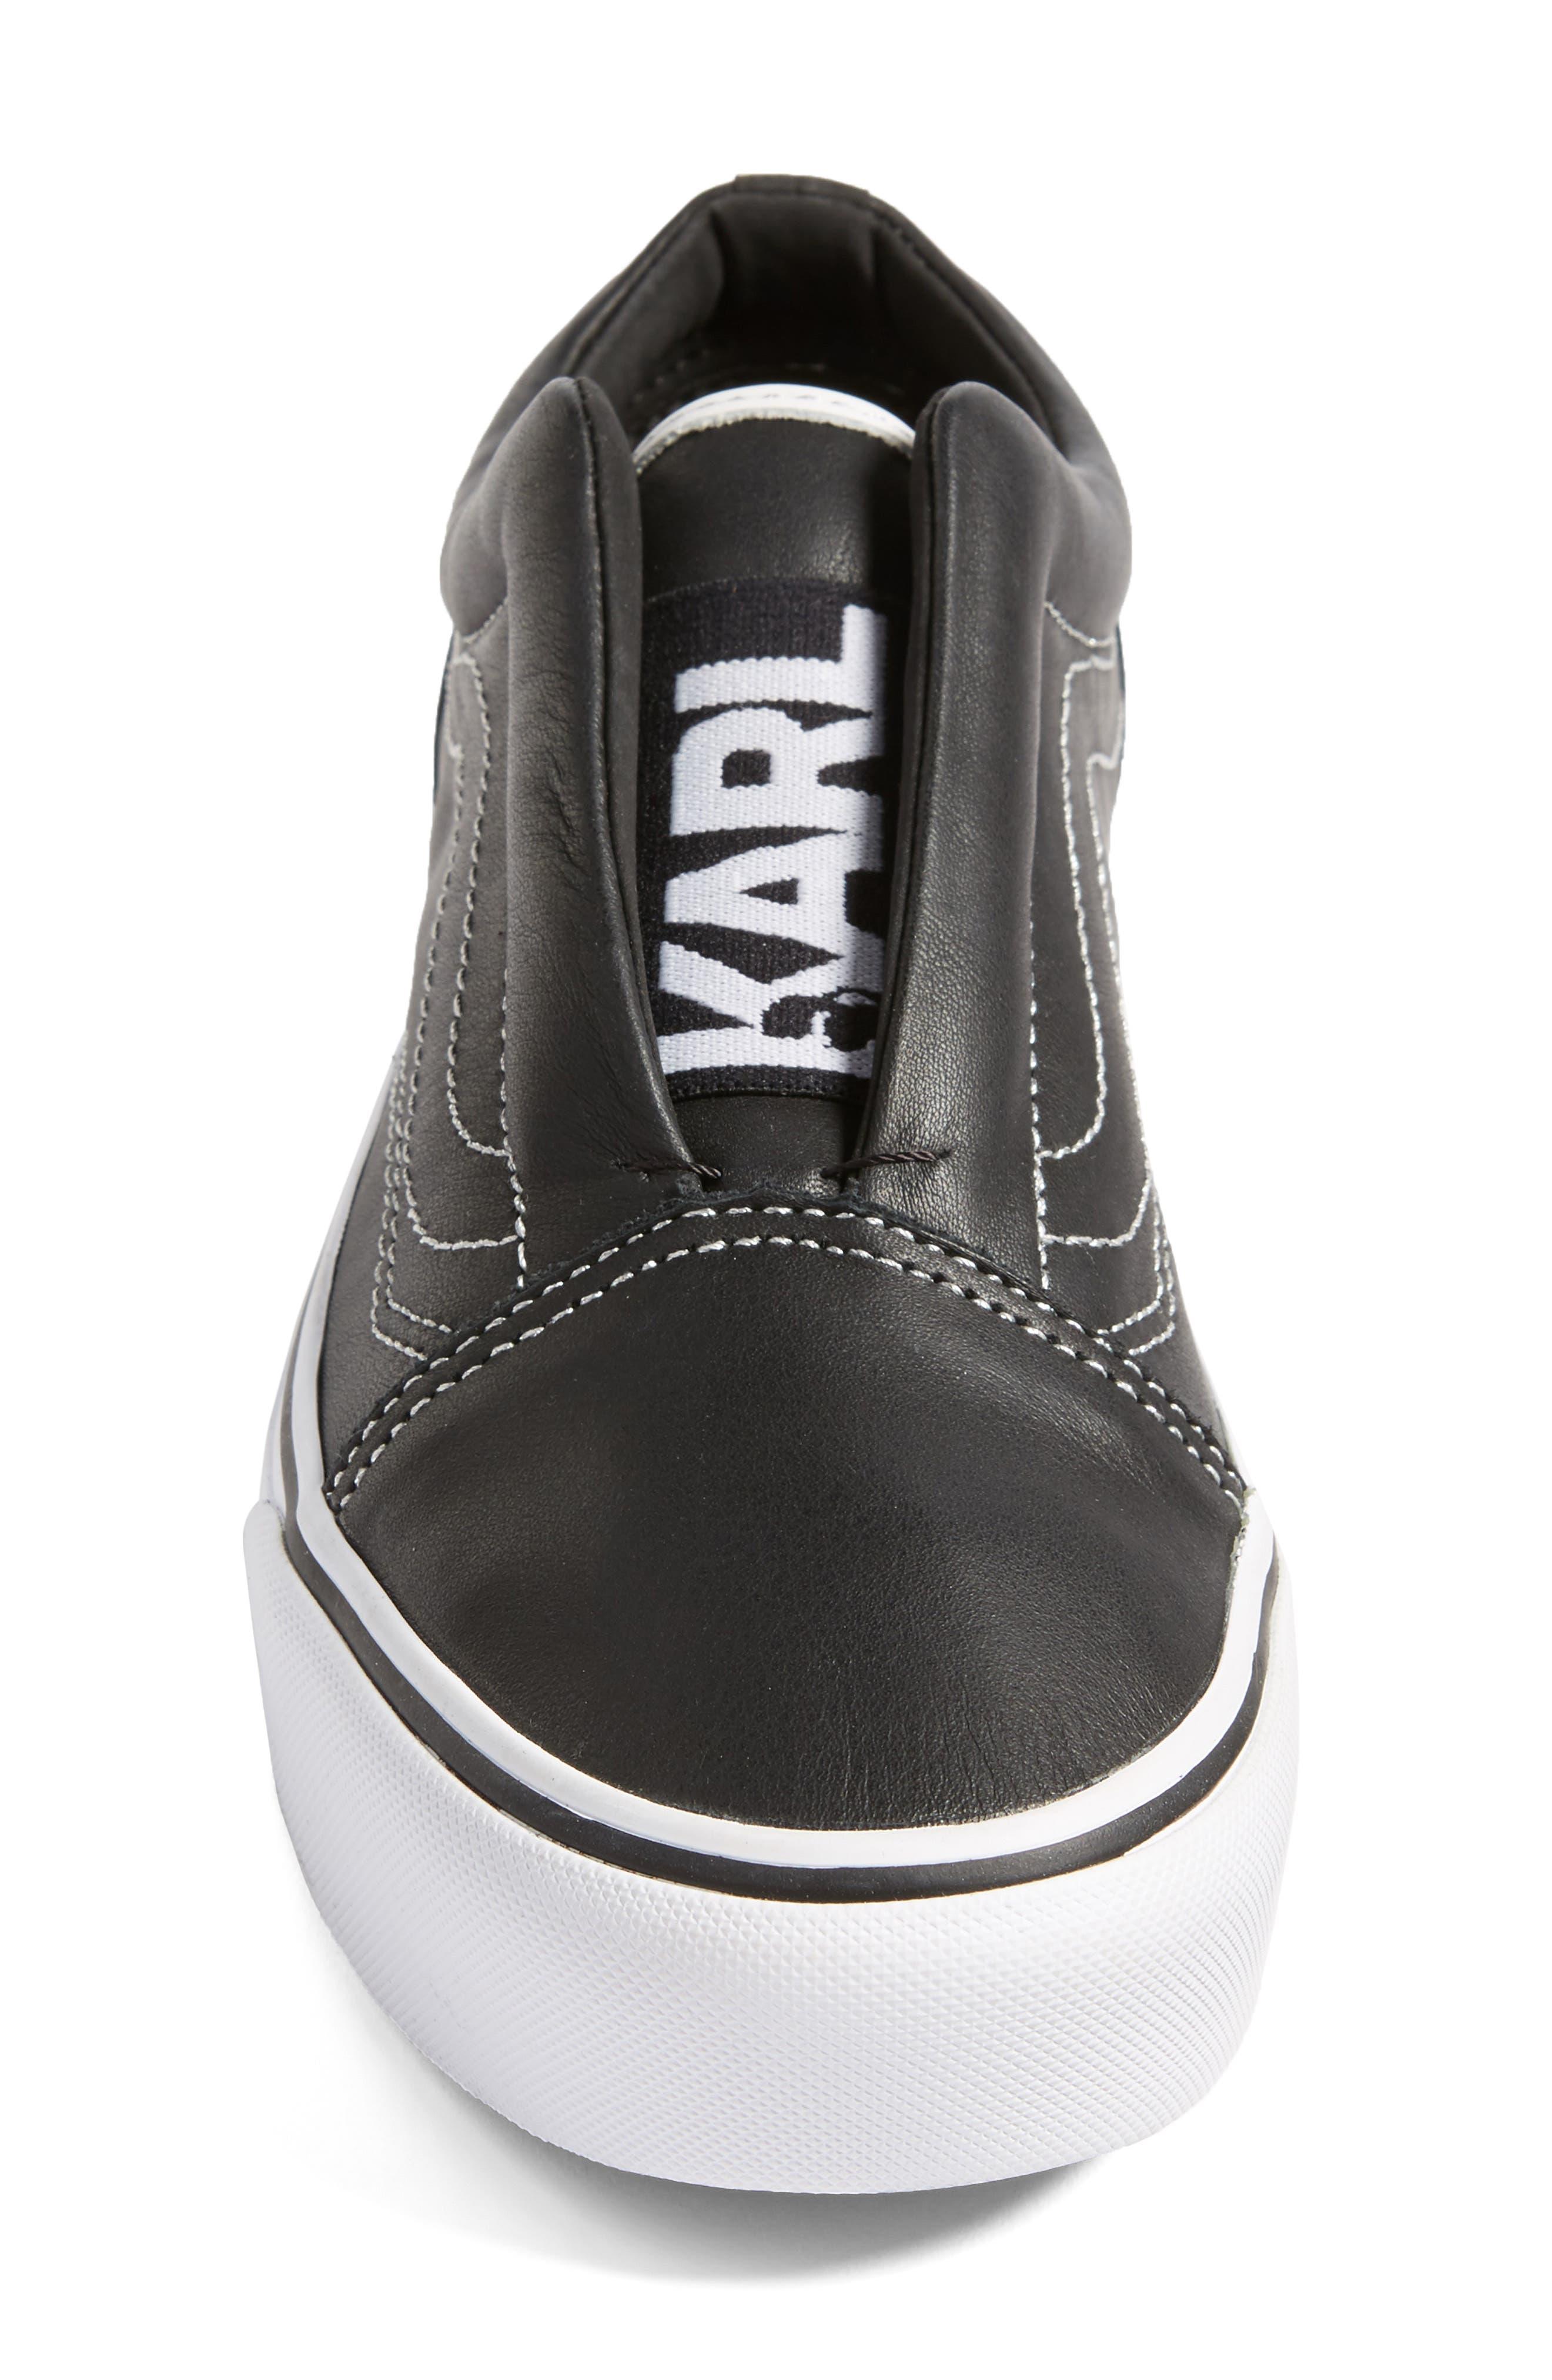 VANS,                             x KARL LAGERFELD Old Skool Leather Platform Sneaker,                             Alternate thumbnail 4, color,                             001